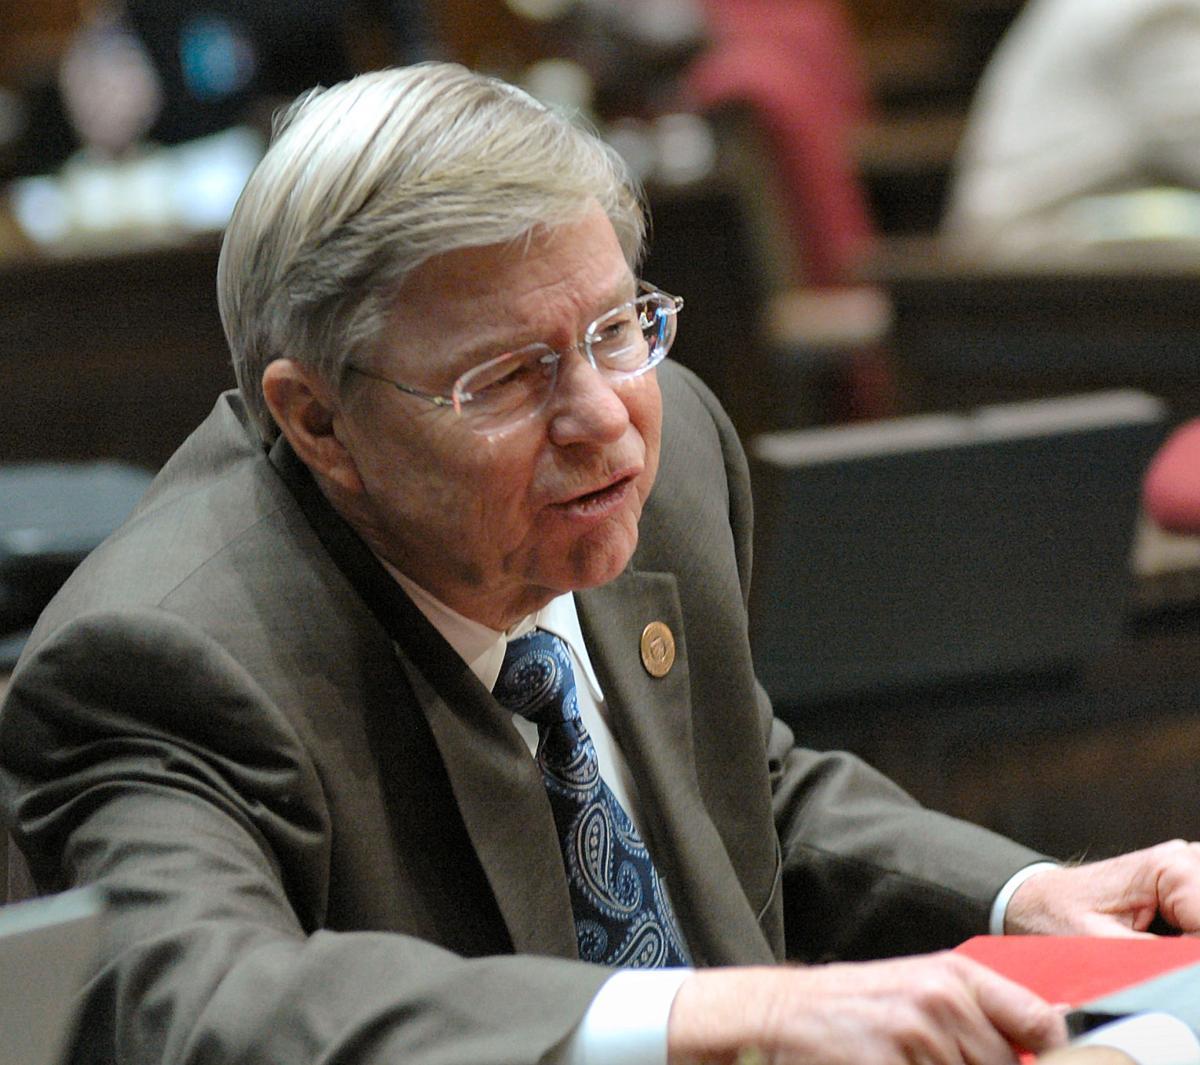 State Rep. Vince Leach, R-Tucson